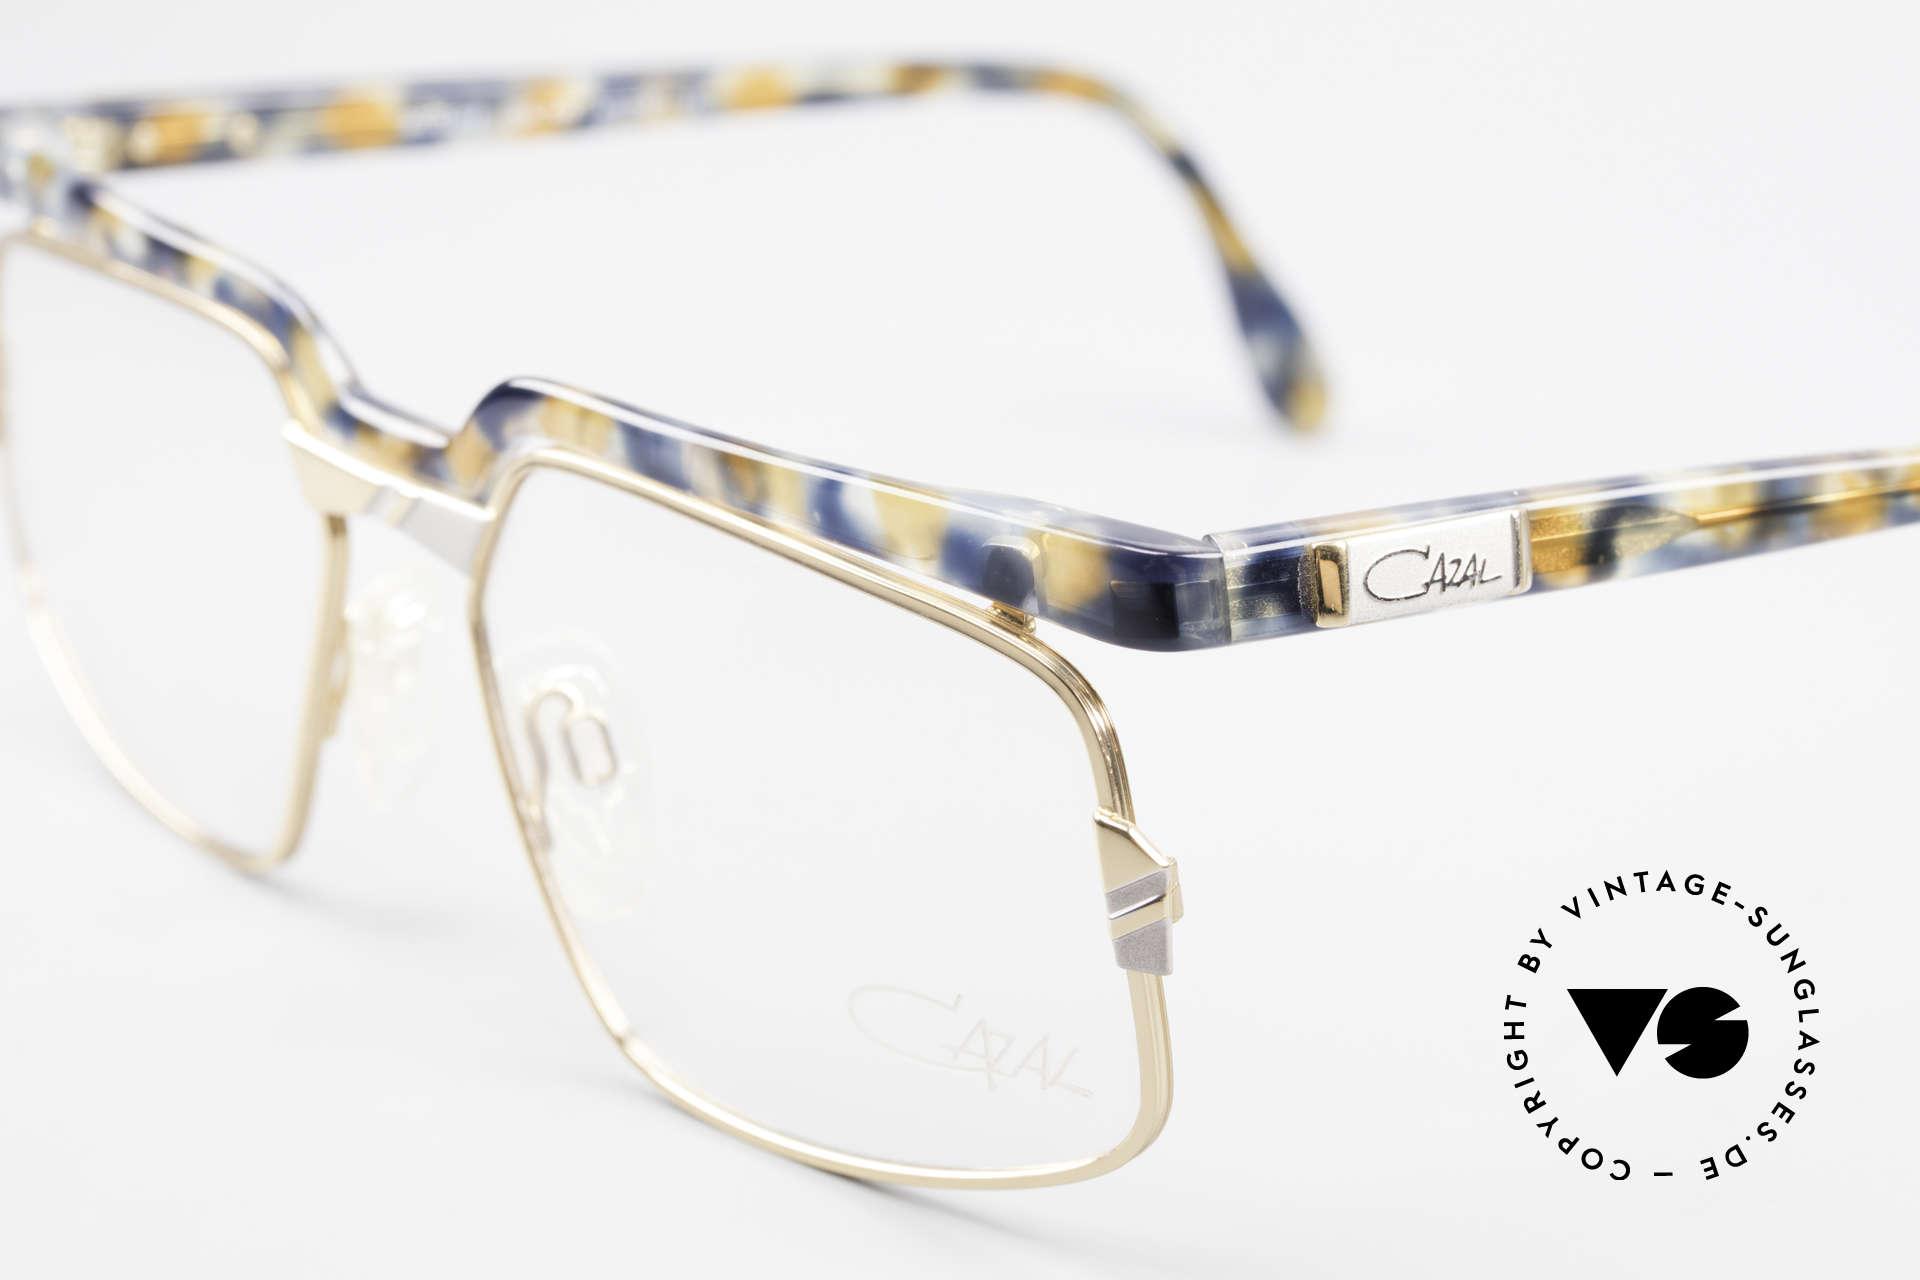 Cazal 246 Außergewöhnliche 90er Cazal, ungetragen (wie alle unsere vintage Designerbrillen), Passend für Herren und Damen